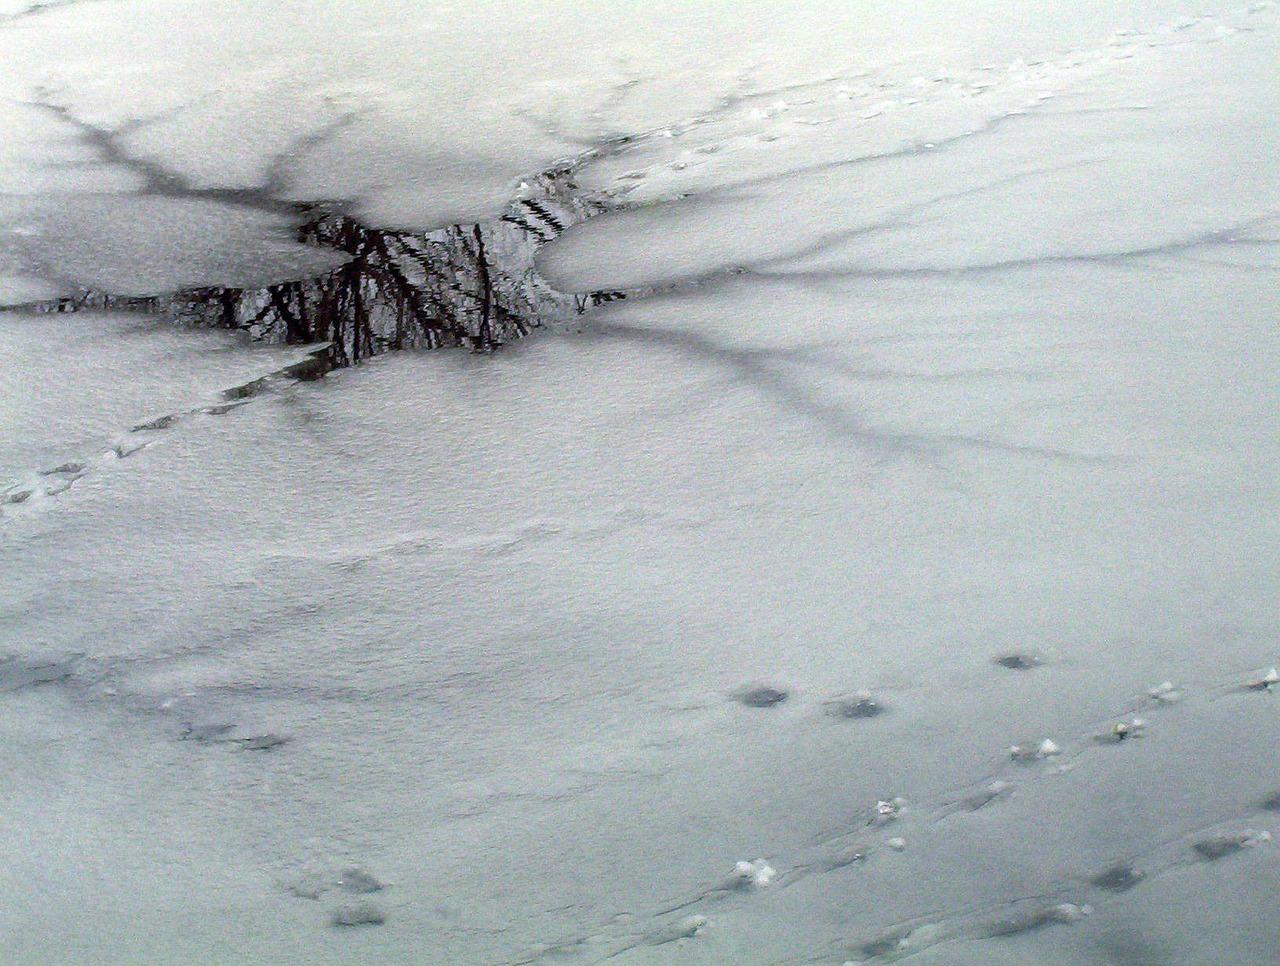 В Северо-Казахстанской области сельчане пьют воду из озера